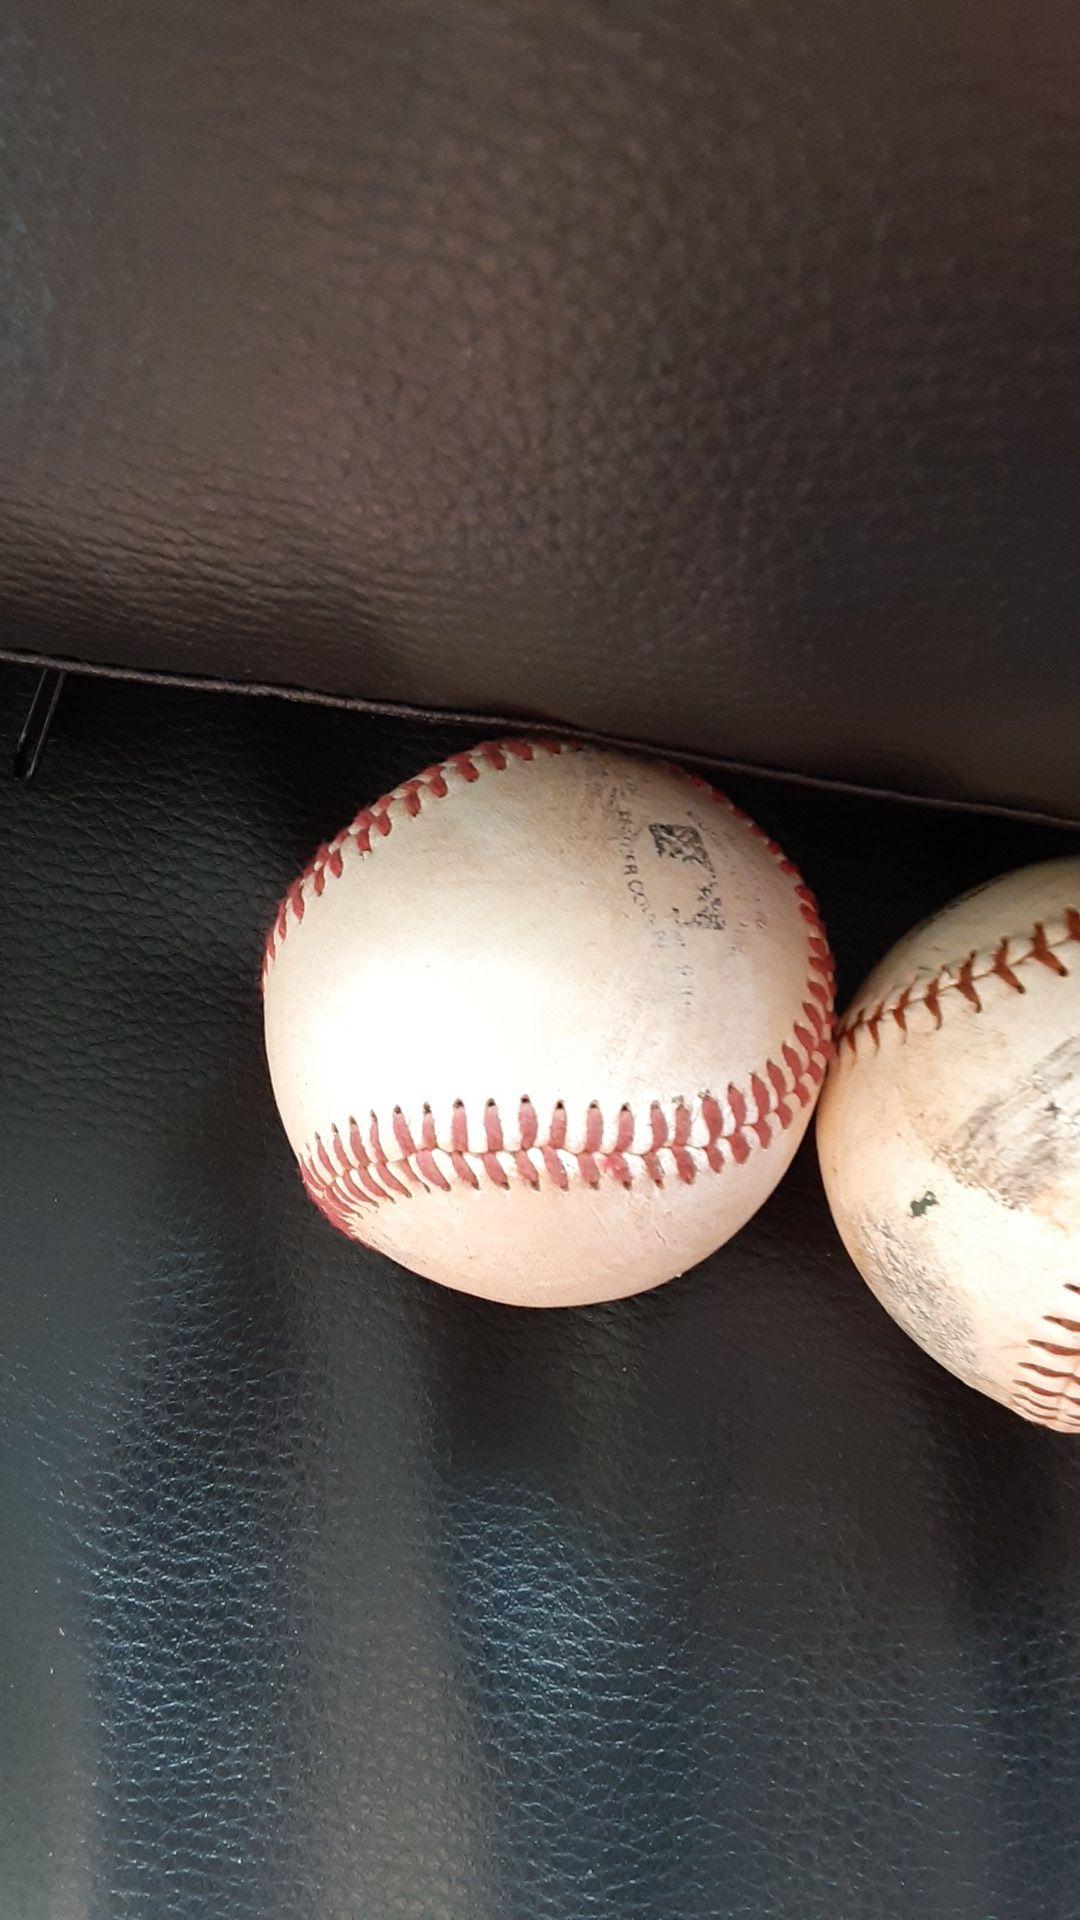 4 baseball balls